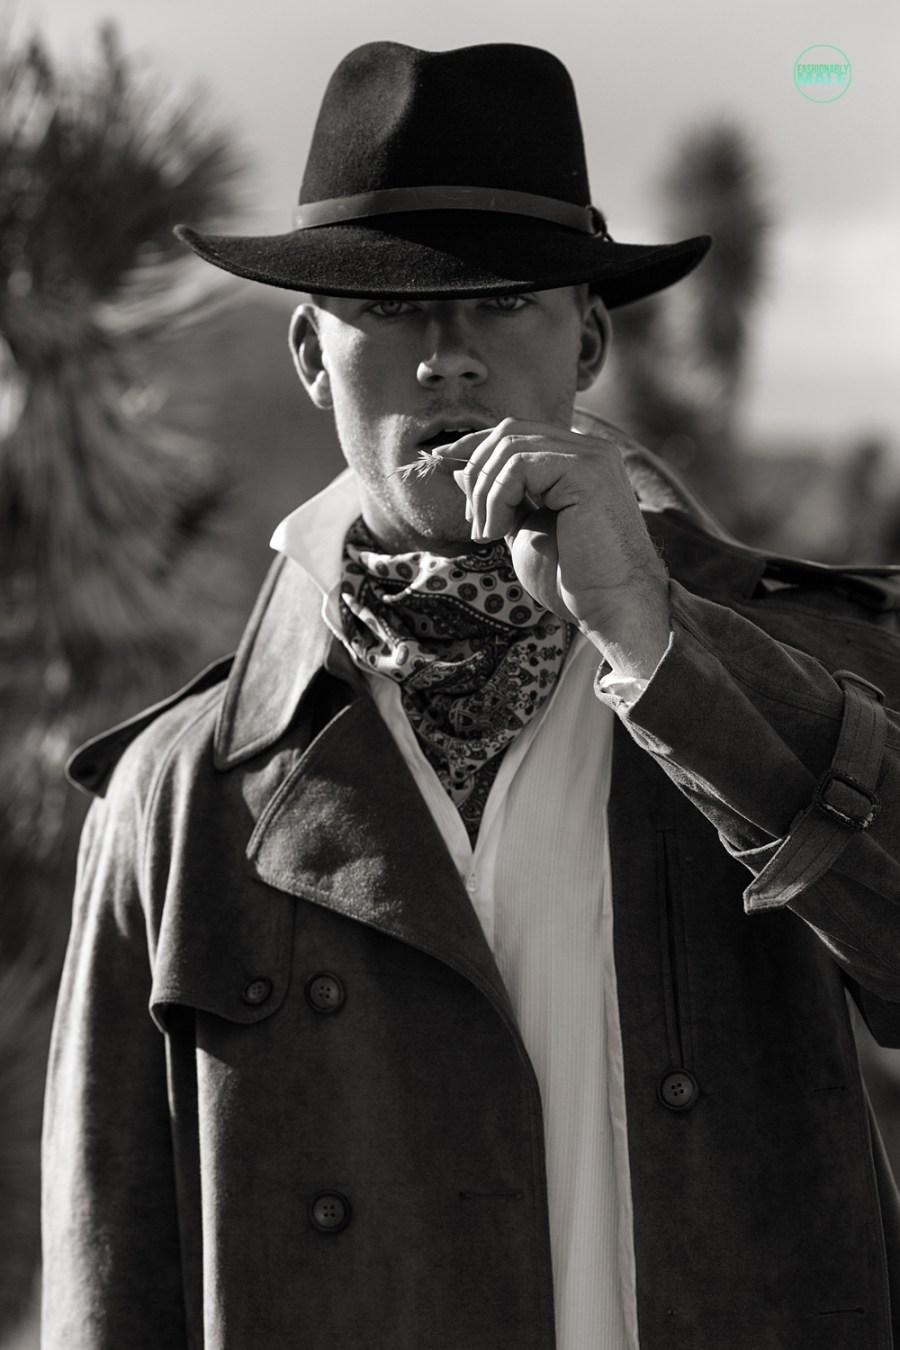 Kaz van der Waard by Ivan Avila for Fashionably Male6